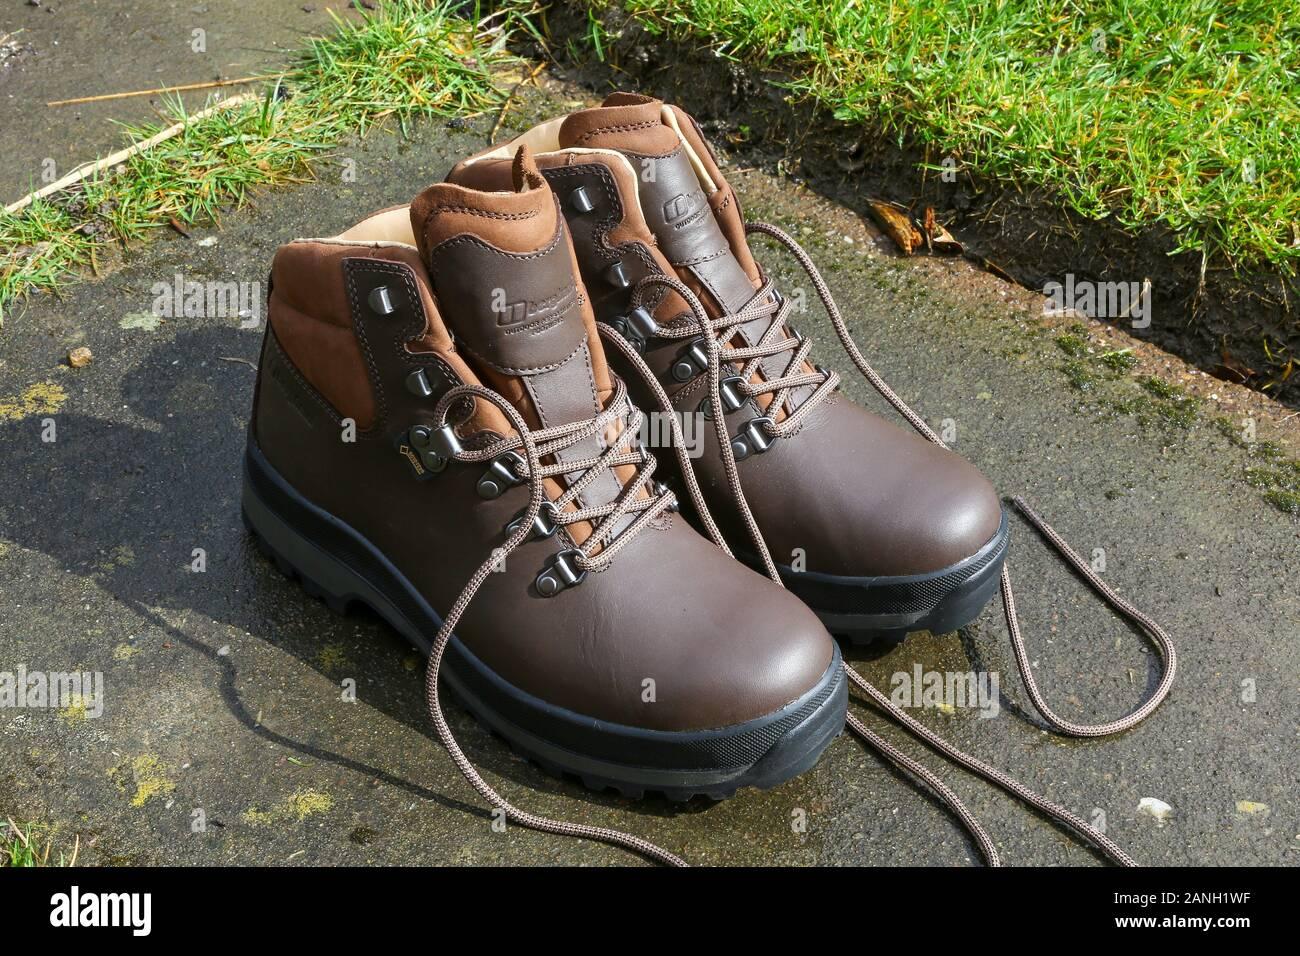 A new pair of Berghaus Brasher Men's